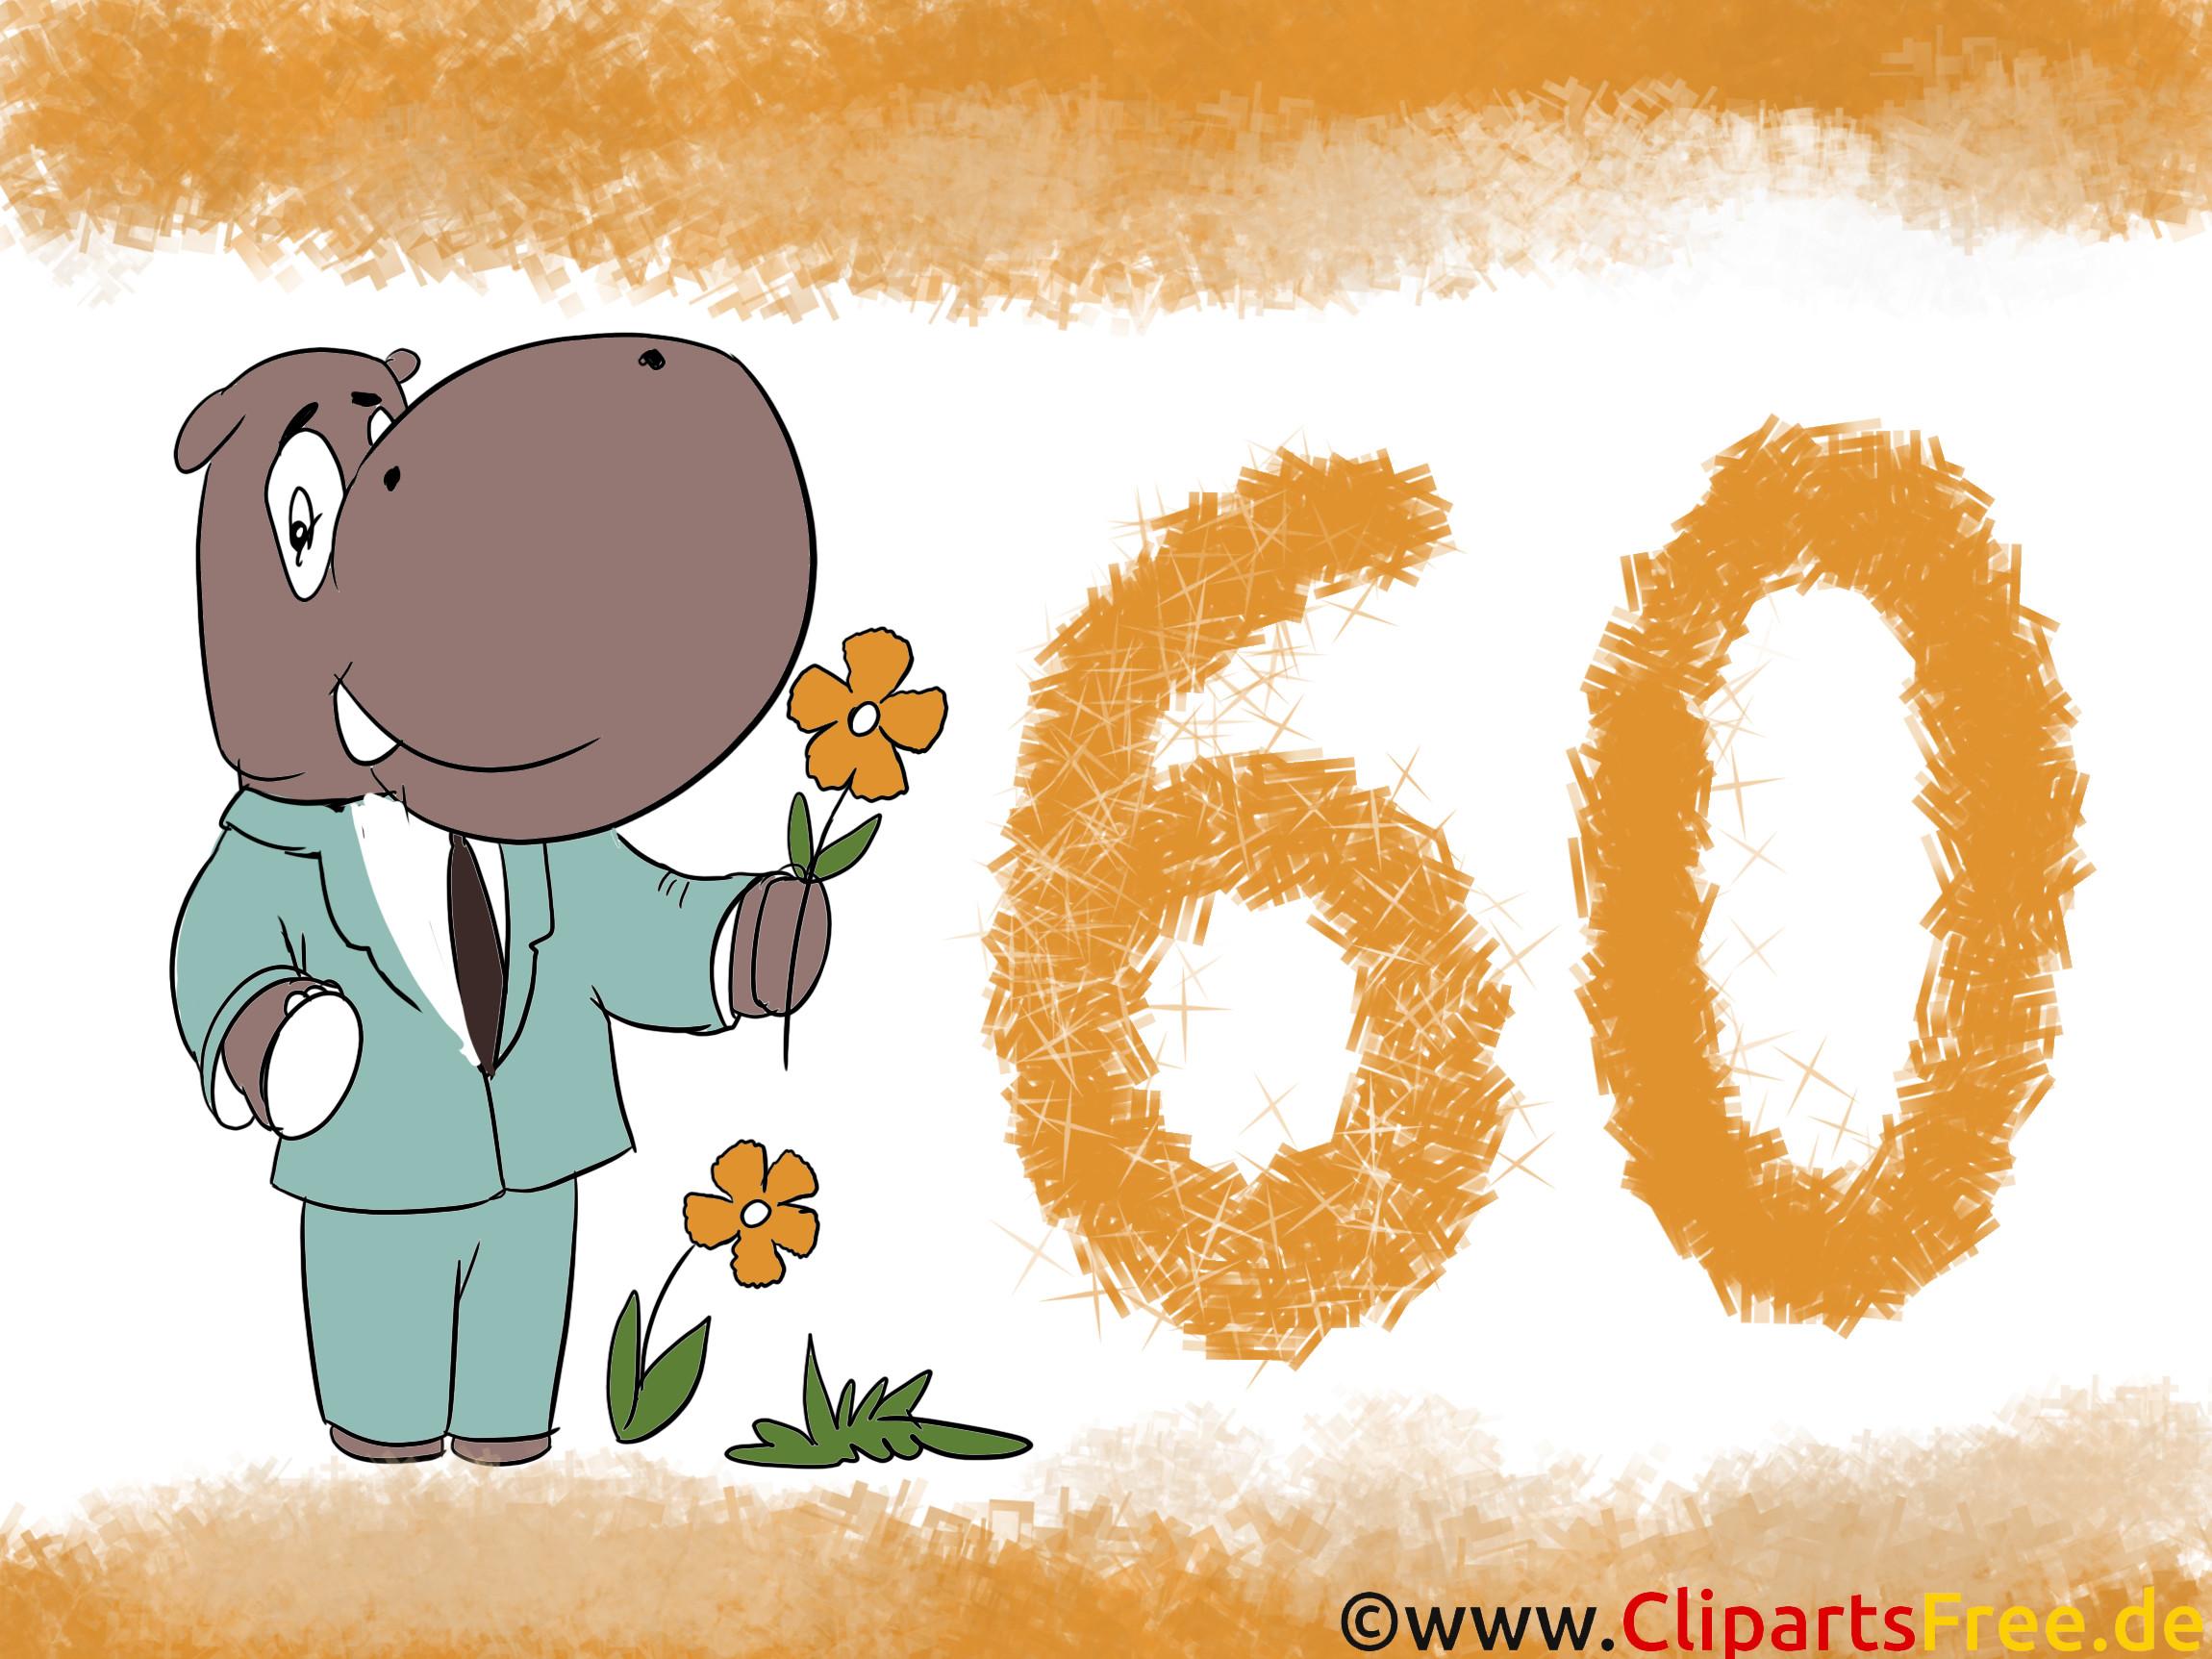 Geburtstagssprüche Zum 60. Geburtstag  Clipart einladung 60 geburtstag BBCpersian7 collections